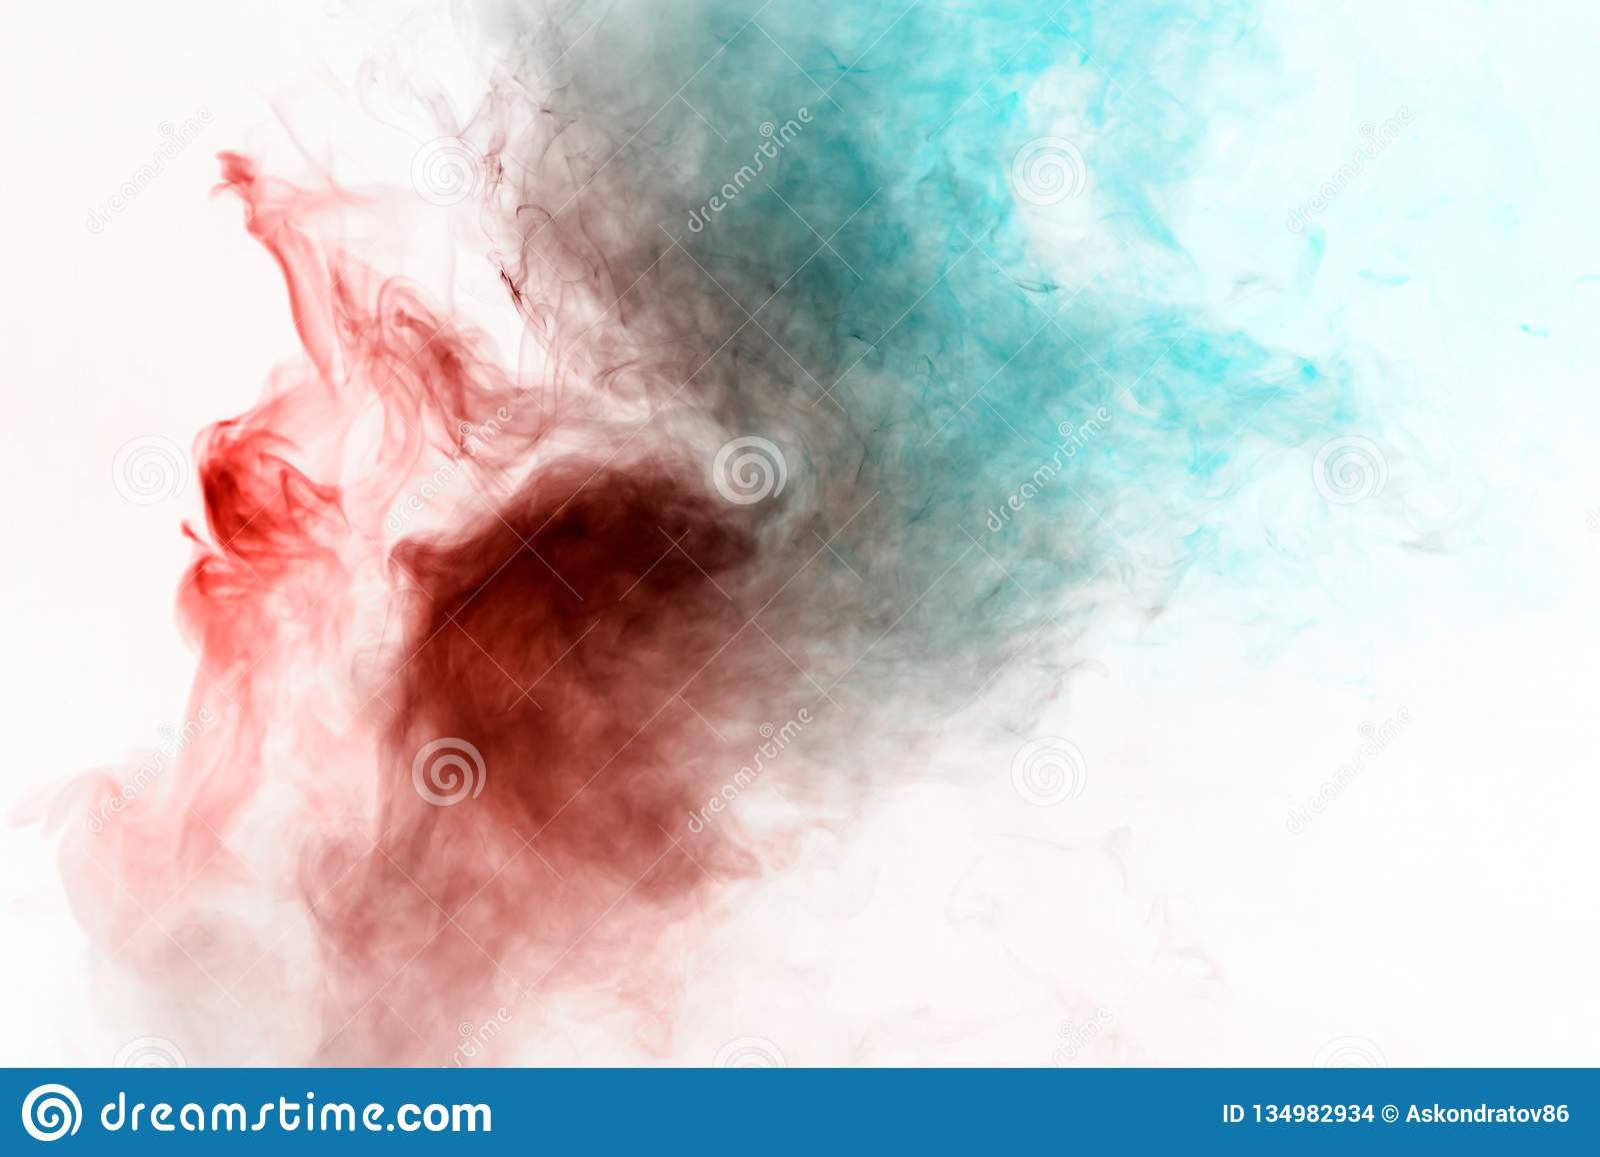 Humo que se encrespa multicolor, vapor azul rojo, encrespados en formas y modelos abstractos en un fondo blanco, repitiendo el mo